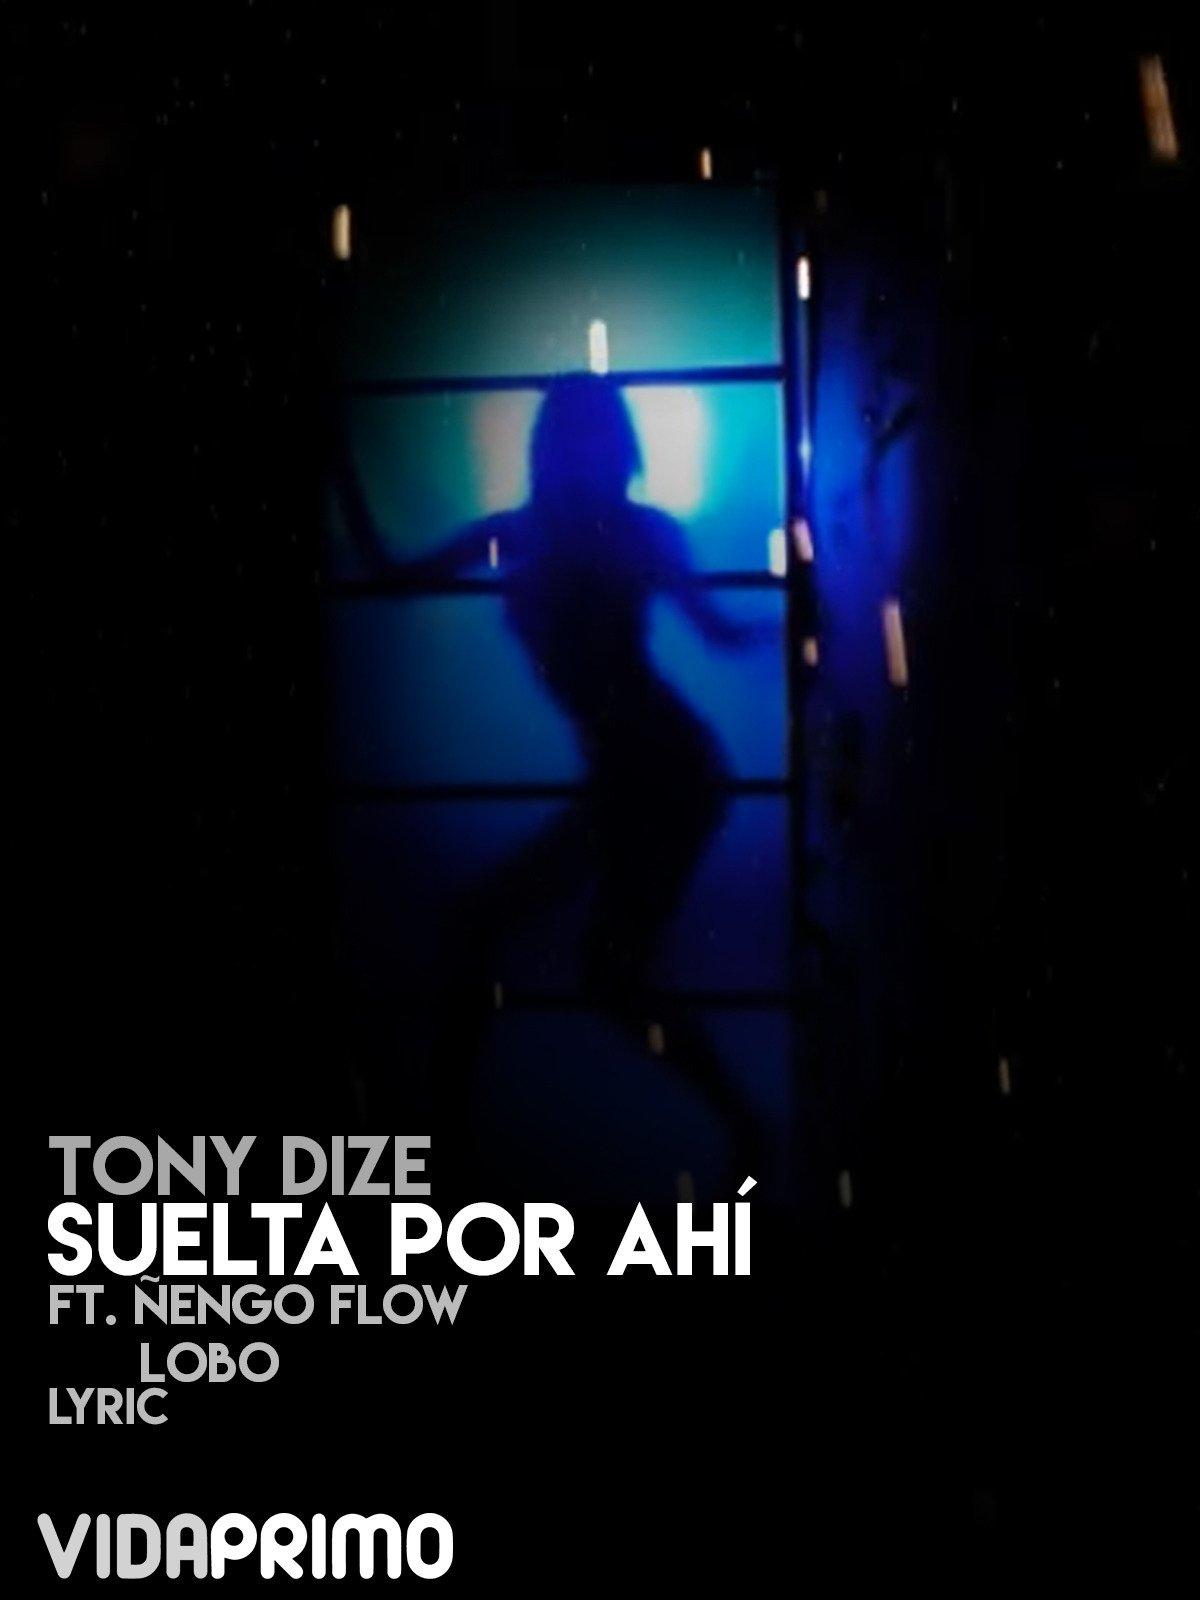 Amazon.com: Ñengo flow y Lobo - Suelta por ahi Feat Tony Dize - Lyric: Ñengo flow